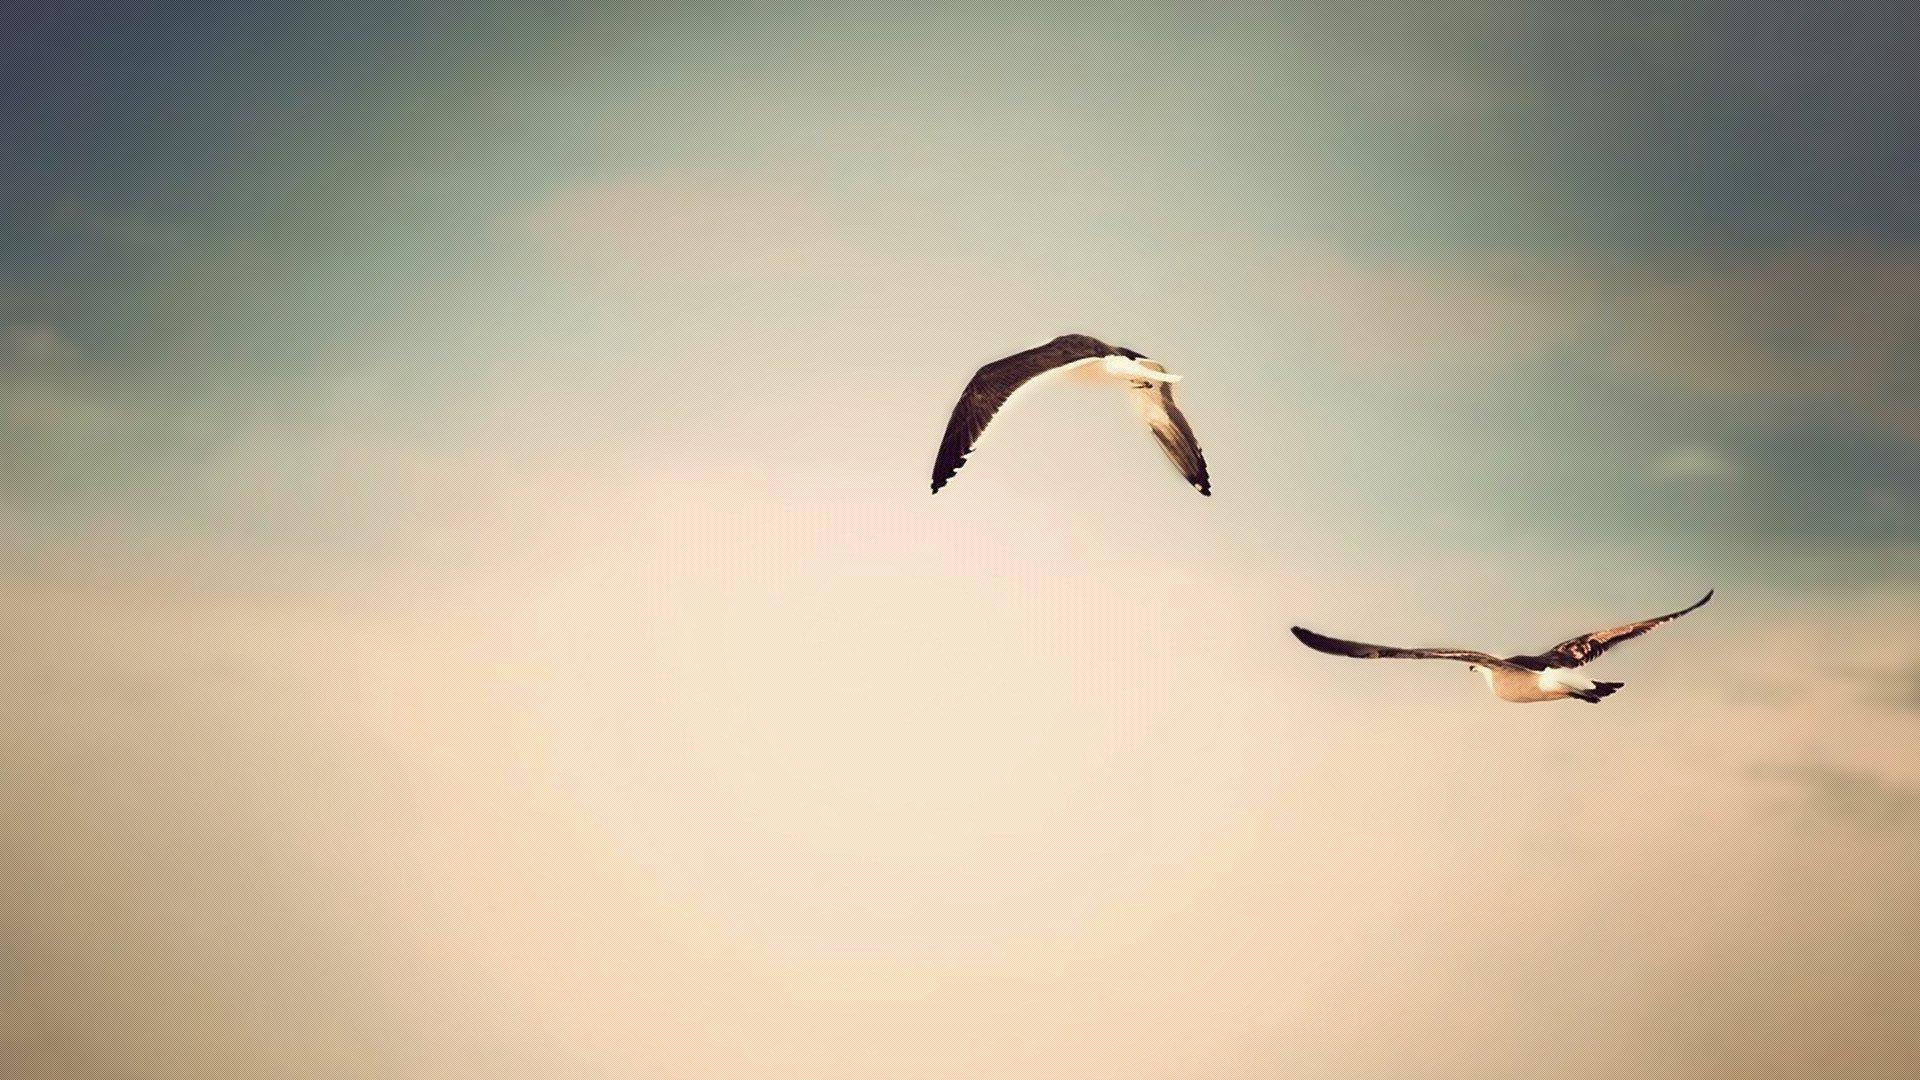 чайка полет небо онлайн